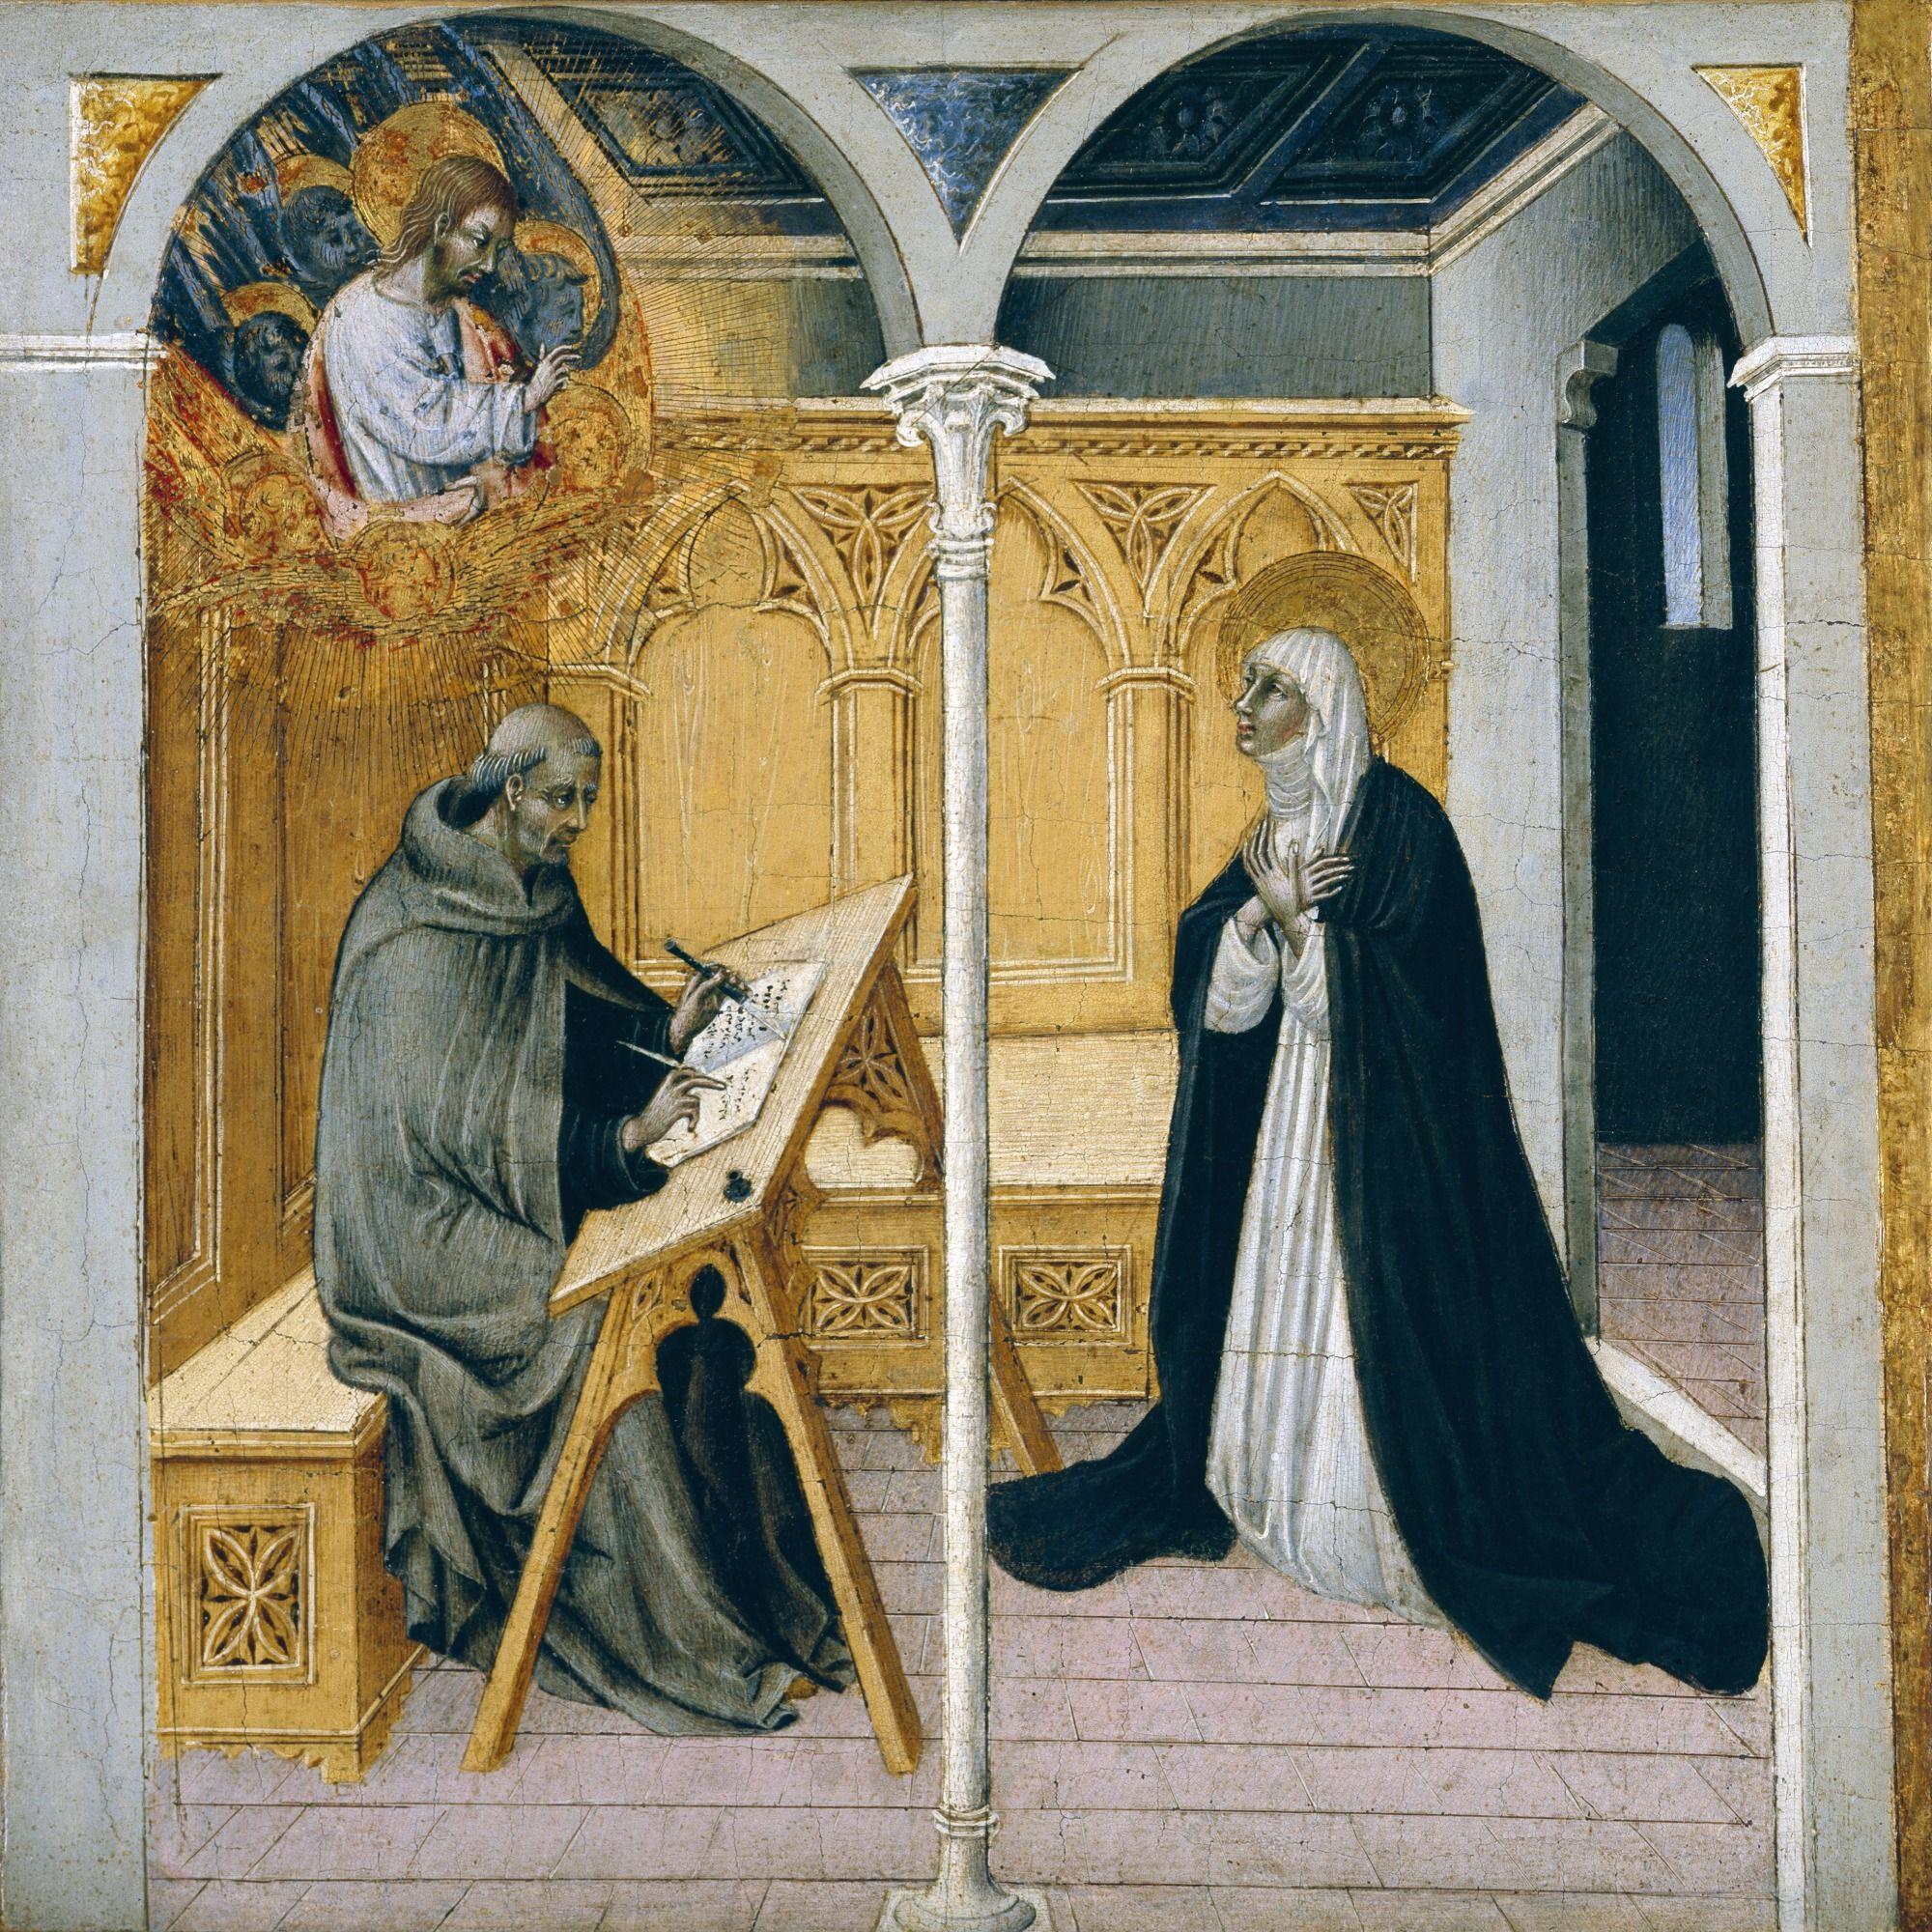 Pin von Gregory Hordies auf historical stuffs | Pinterest | Malerei